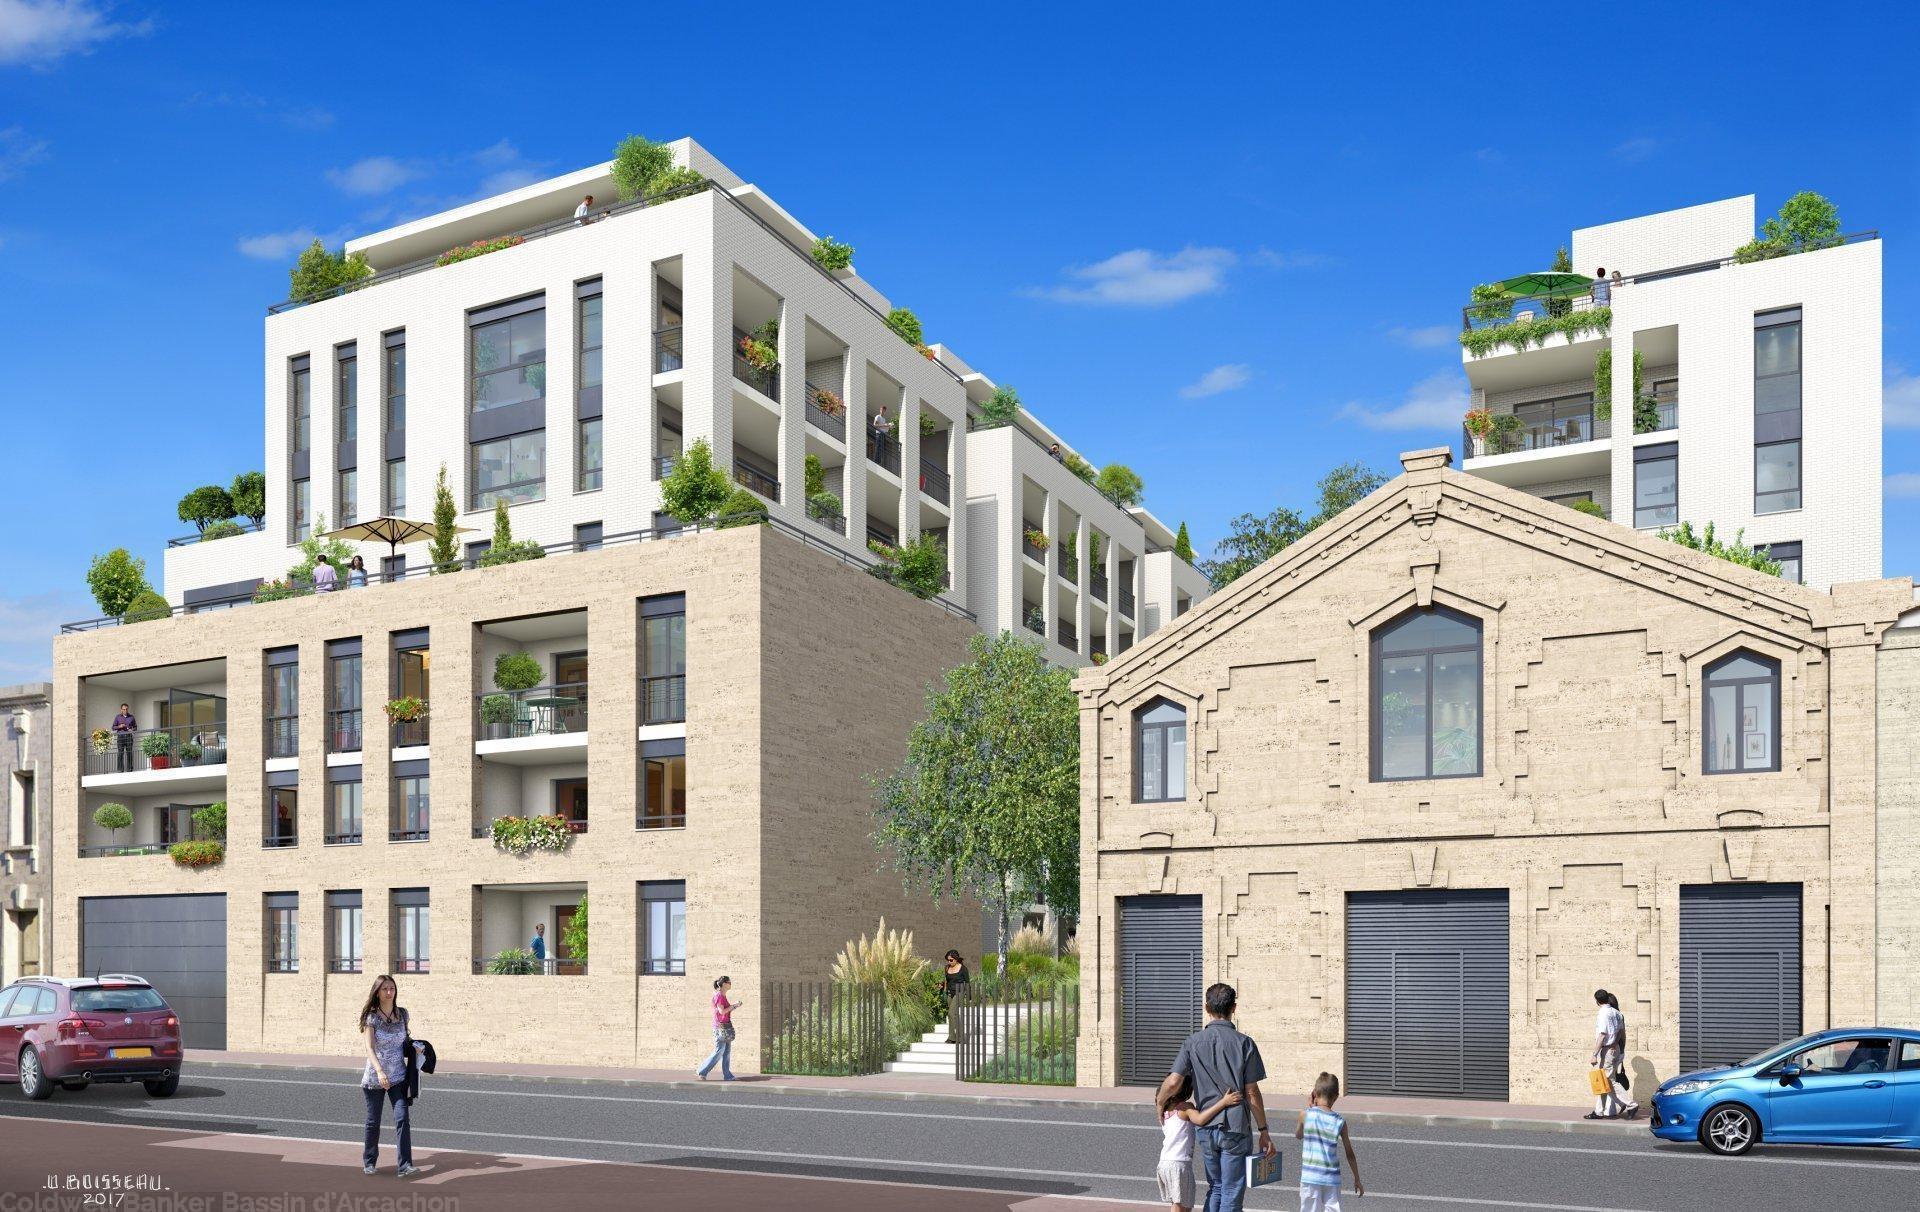 Appartement à vendre dans programme immobilier neuf quartier saint jean euratlantique bordeaux